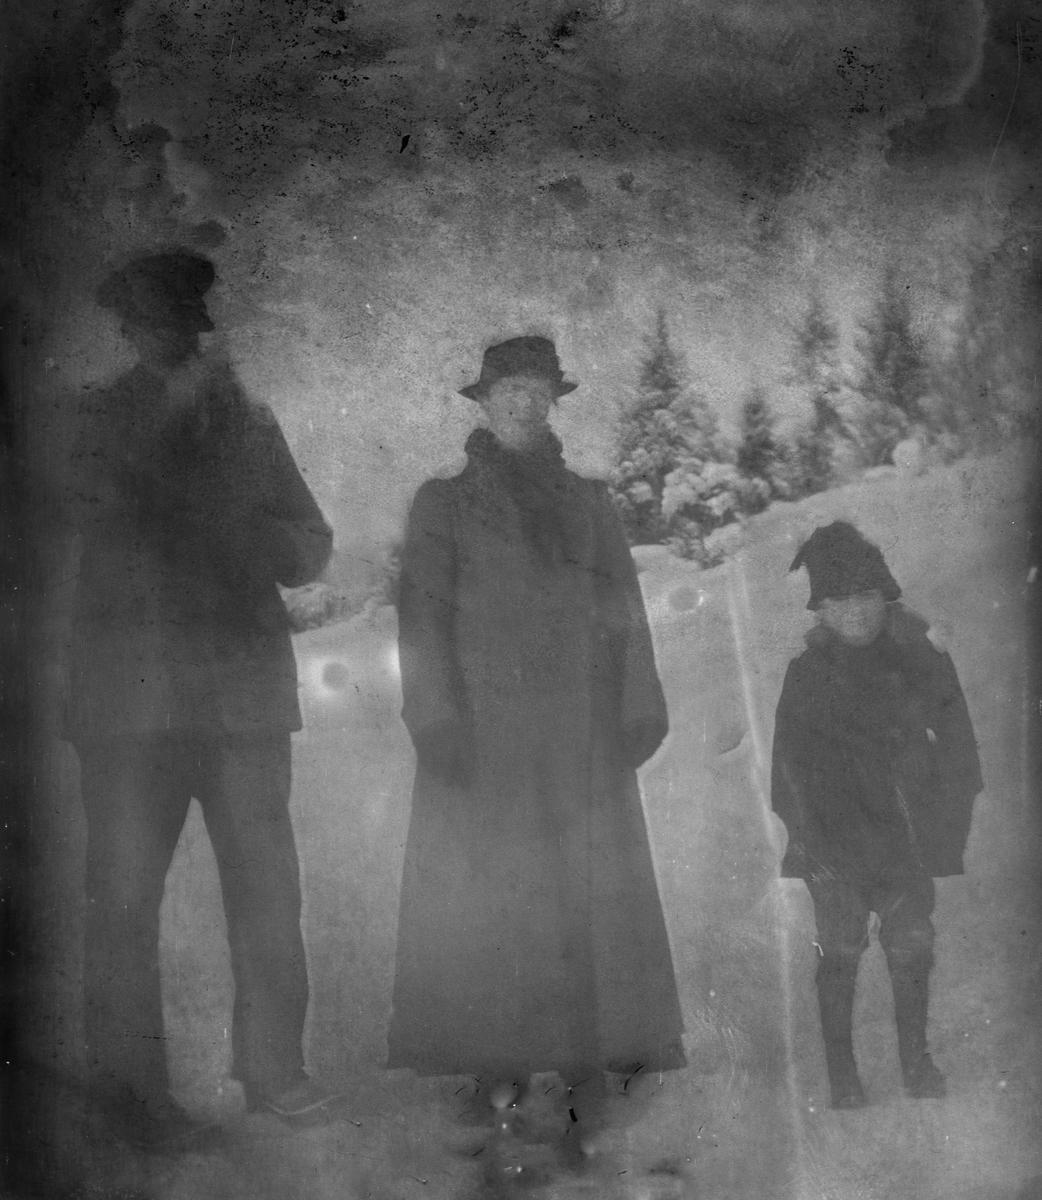 Mann, kvinne, barn, ute, vinter